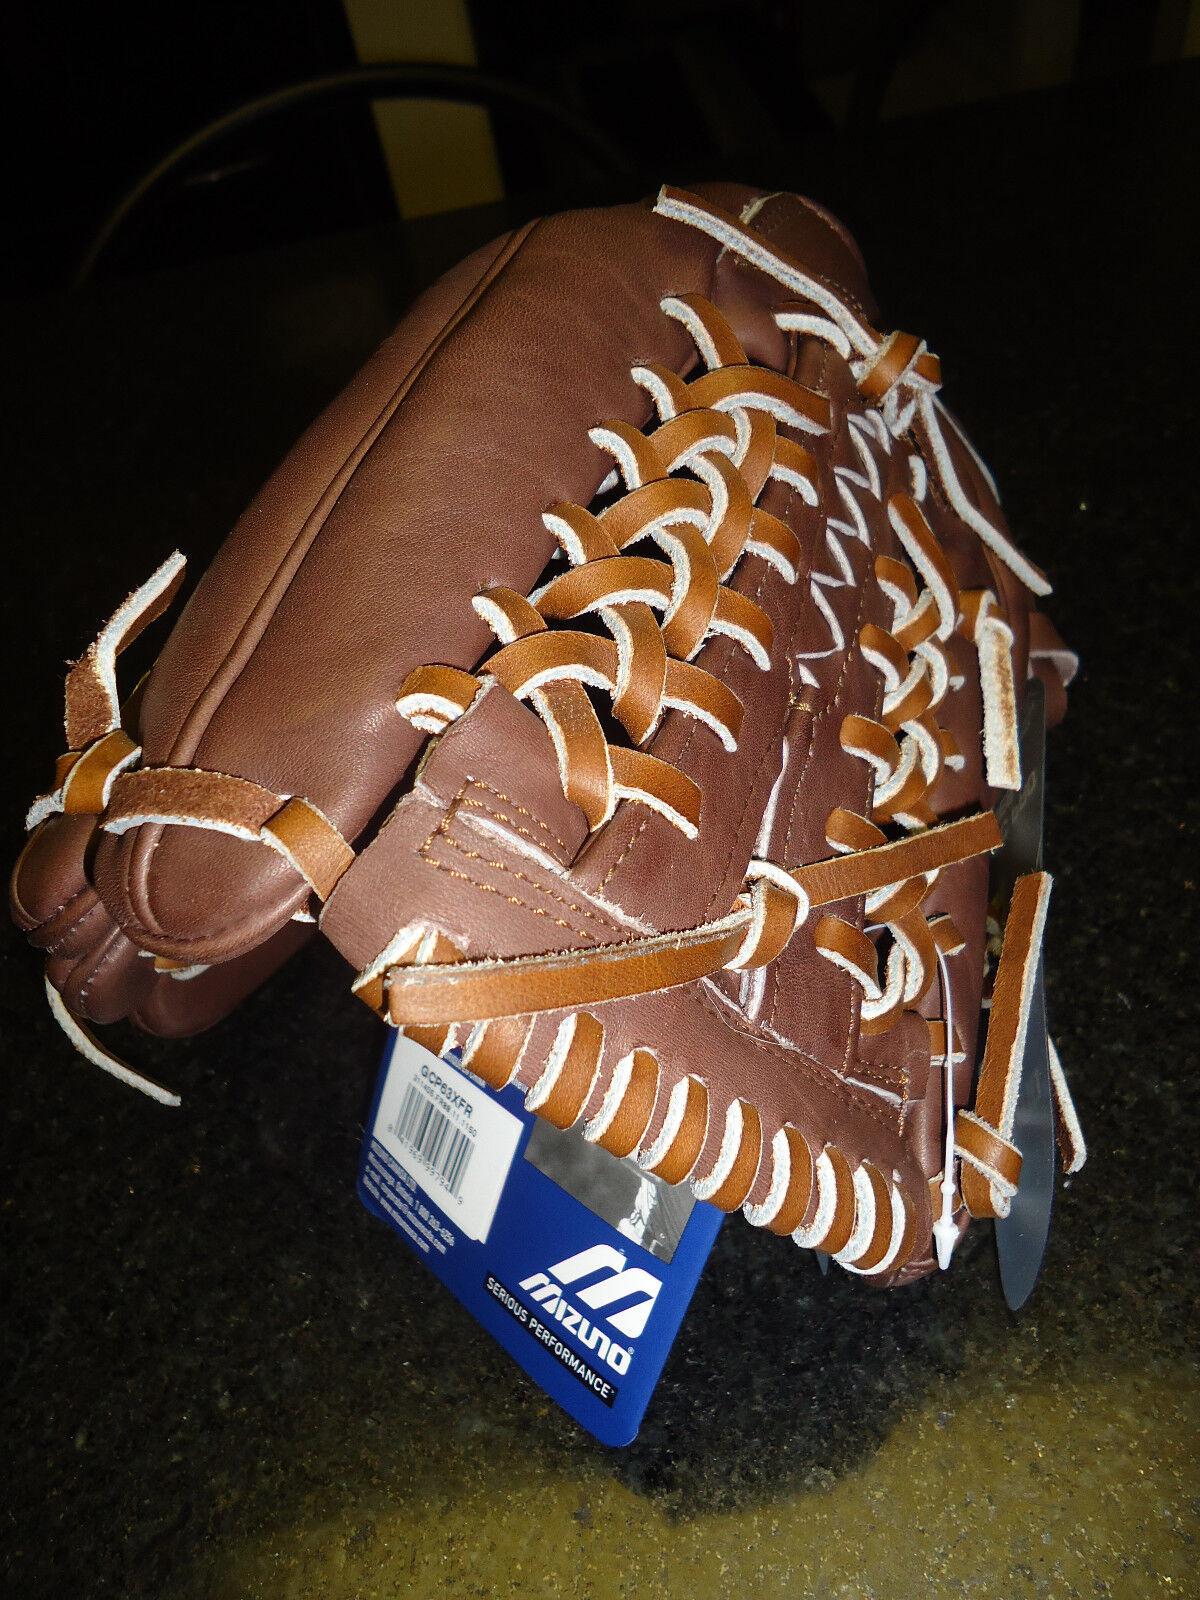 Mizuno Clásico Pro X Guante De Béisbol gcp63x - 11,5  Lh  209.99